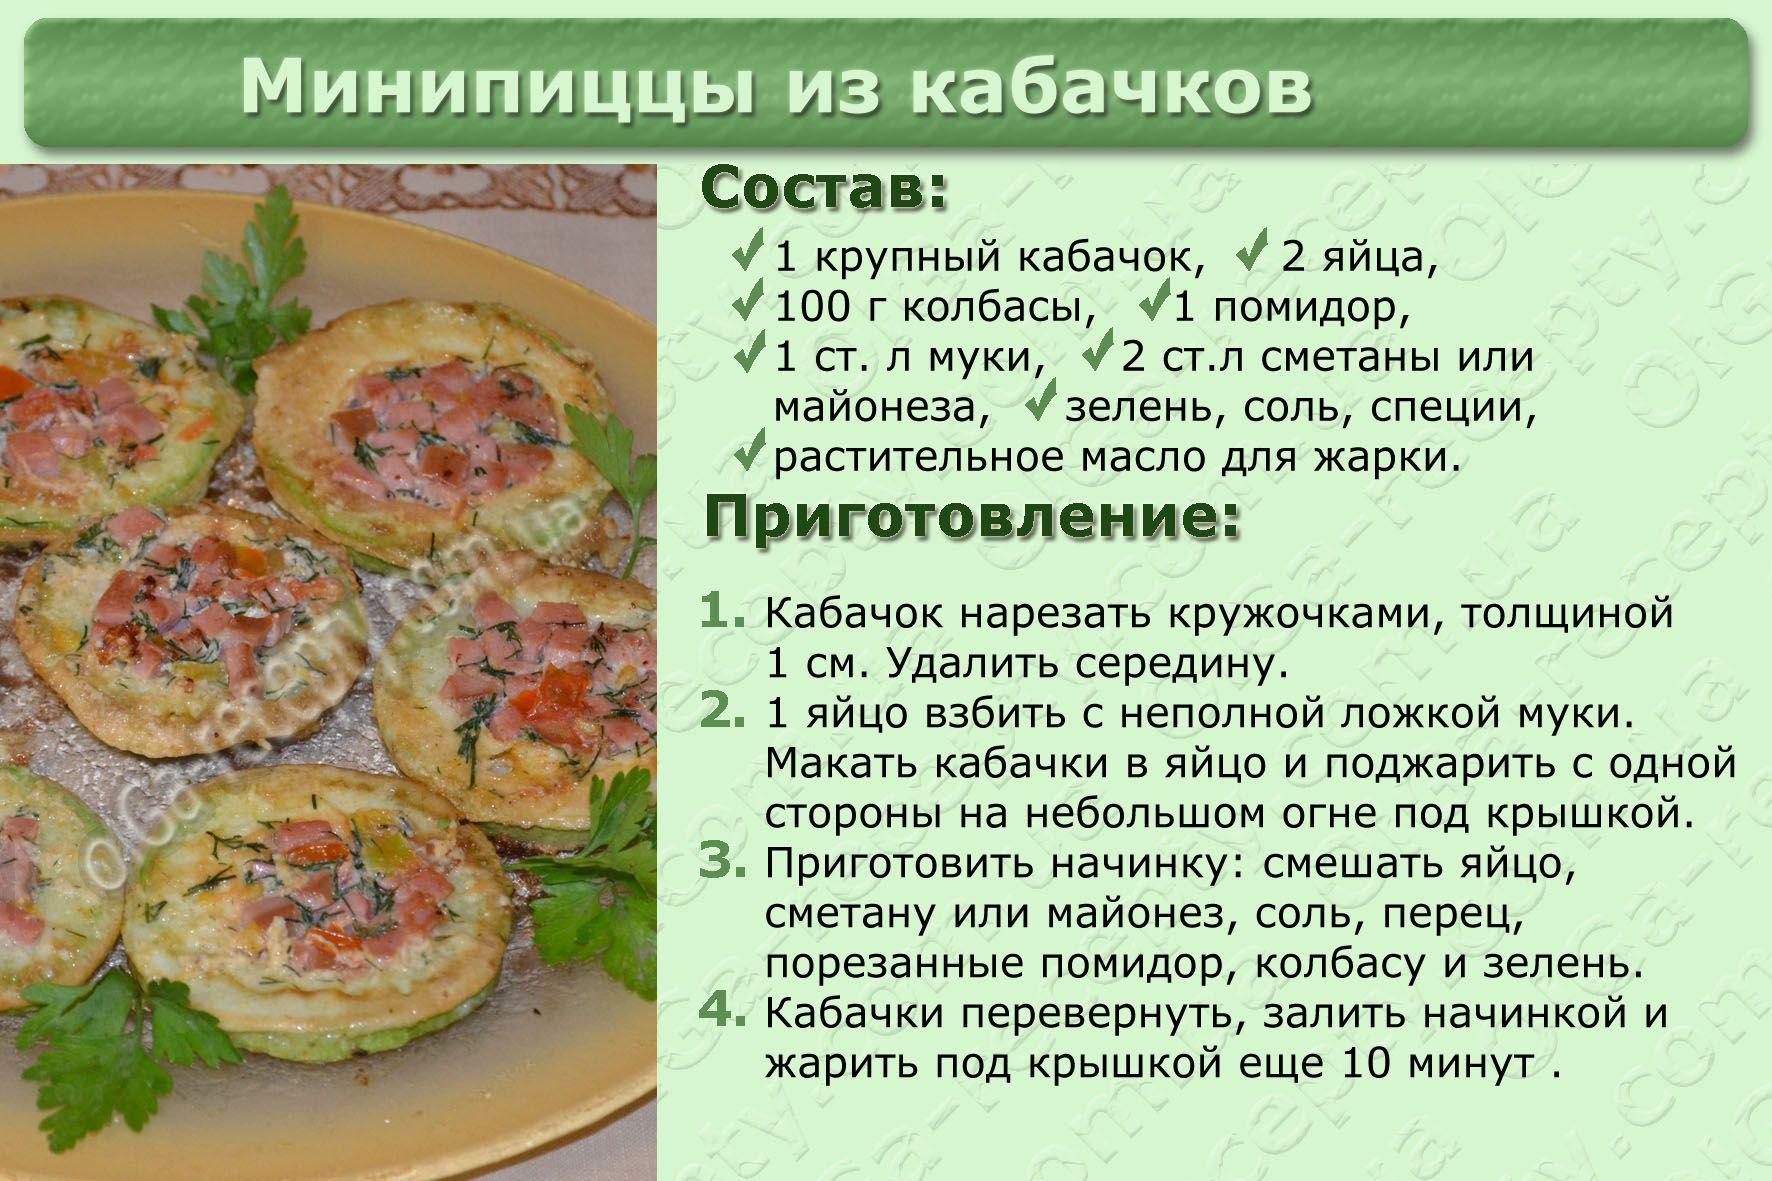 дешевые рецепты без фото для распечатки быстрая